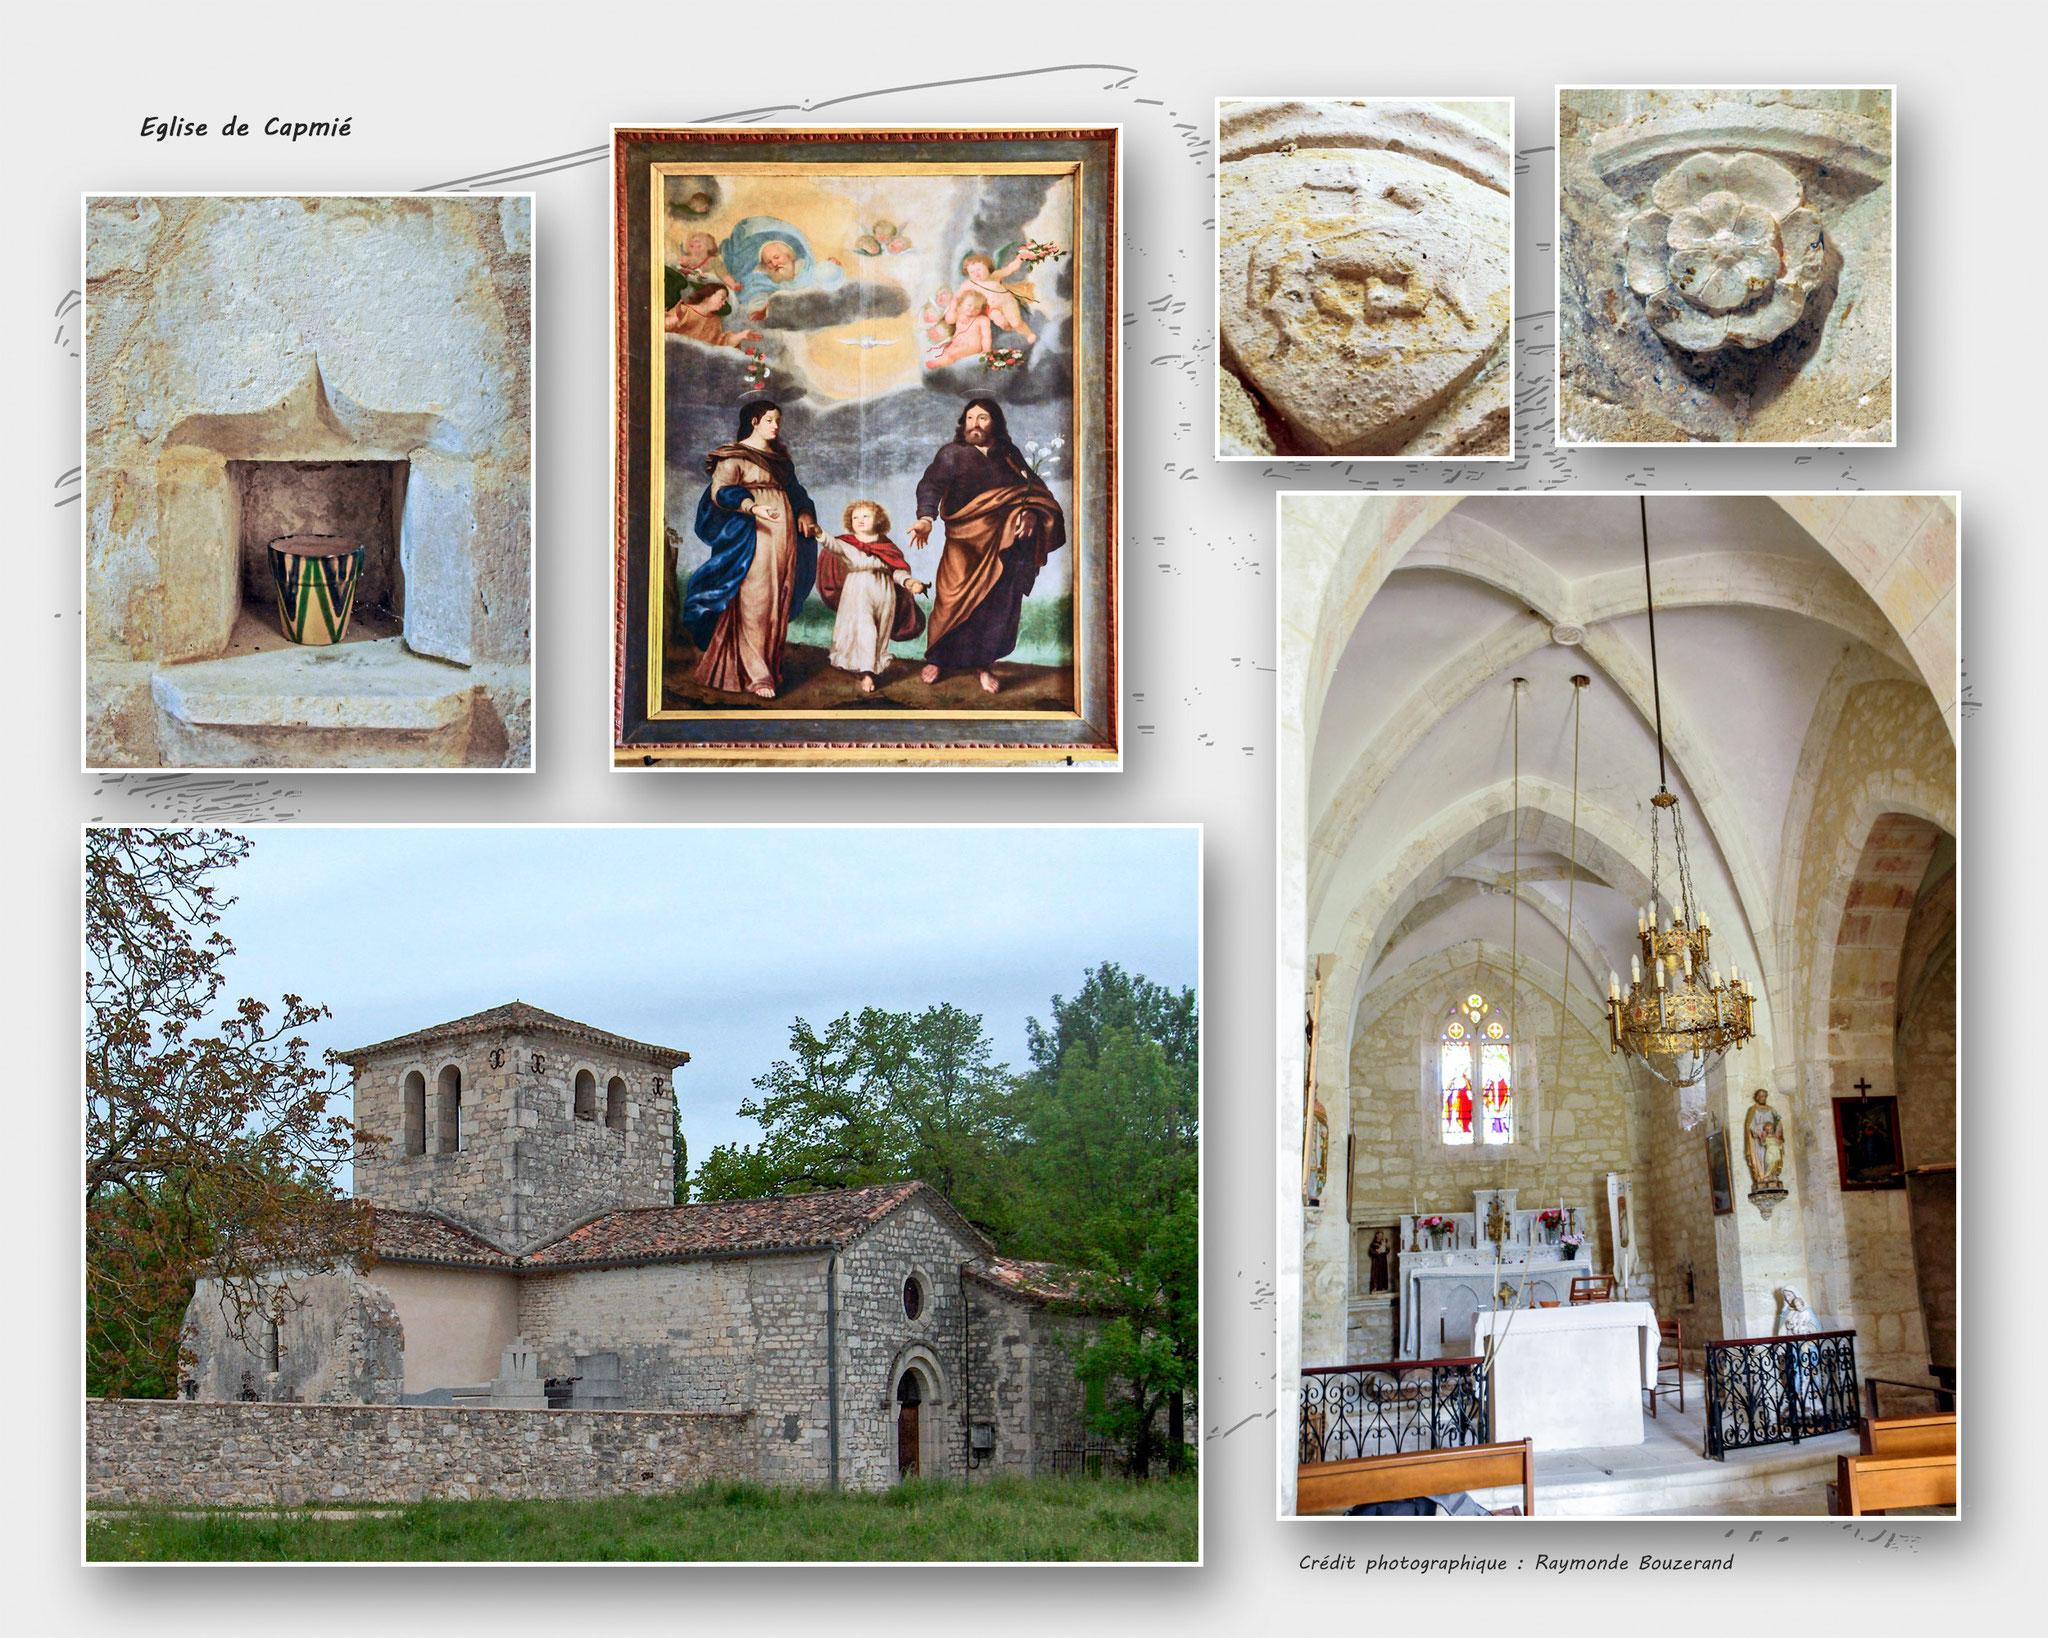 Eglise de Capmié